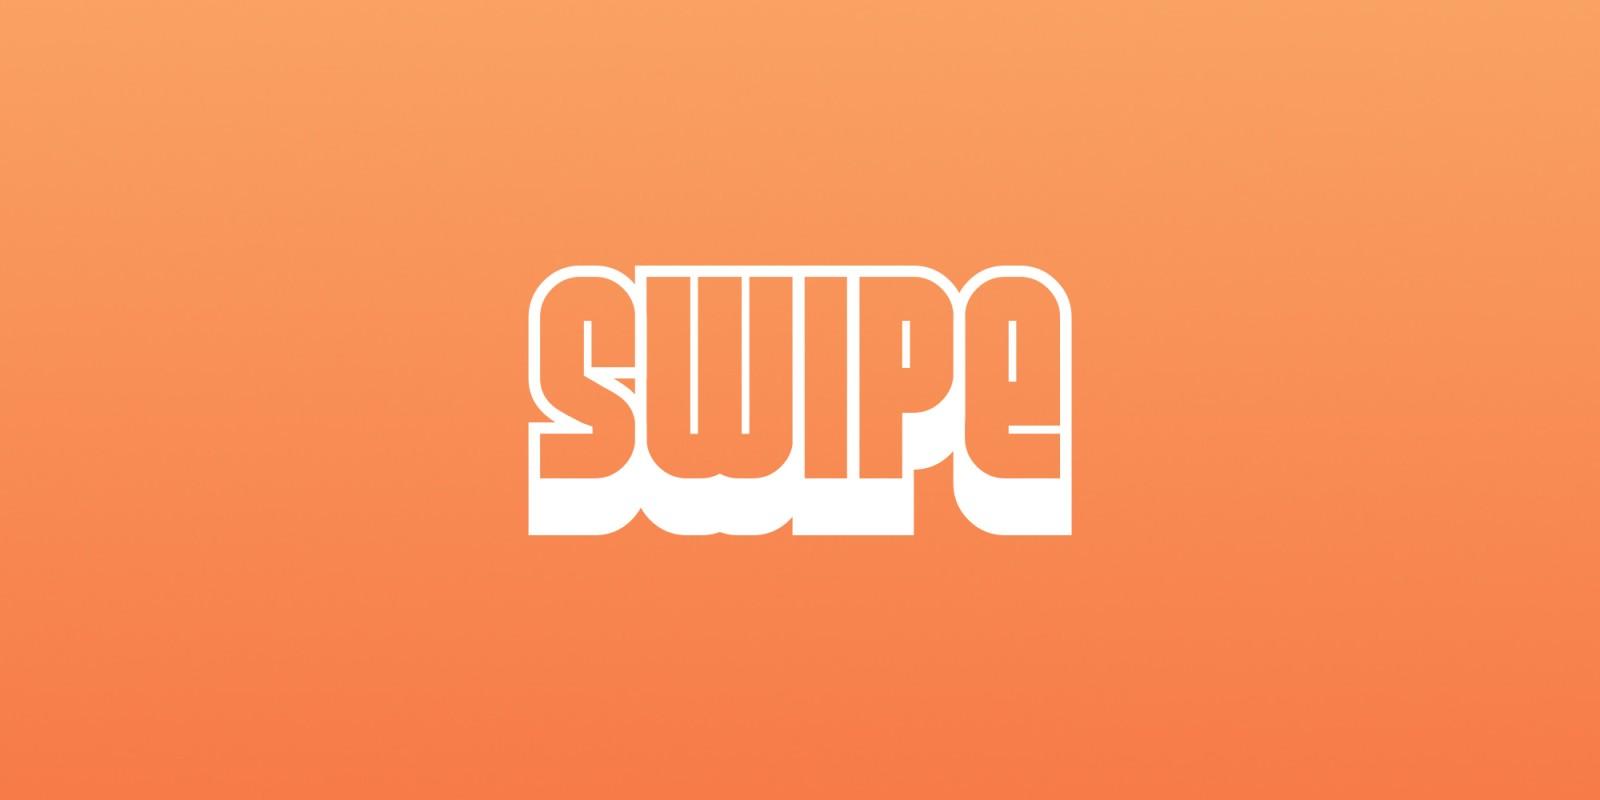 SWIPE New Nintendo 3DS Download Software Games Nintendo